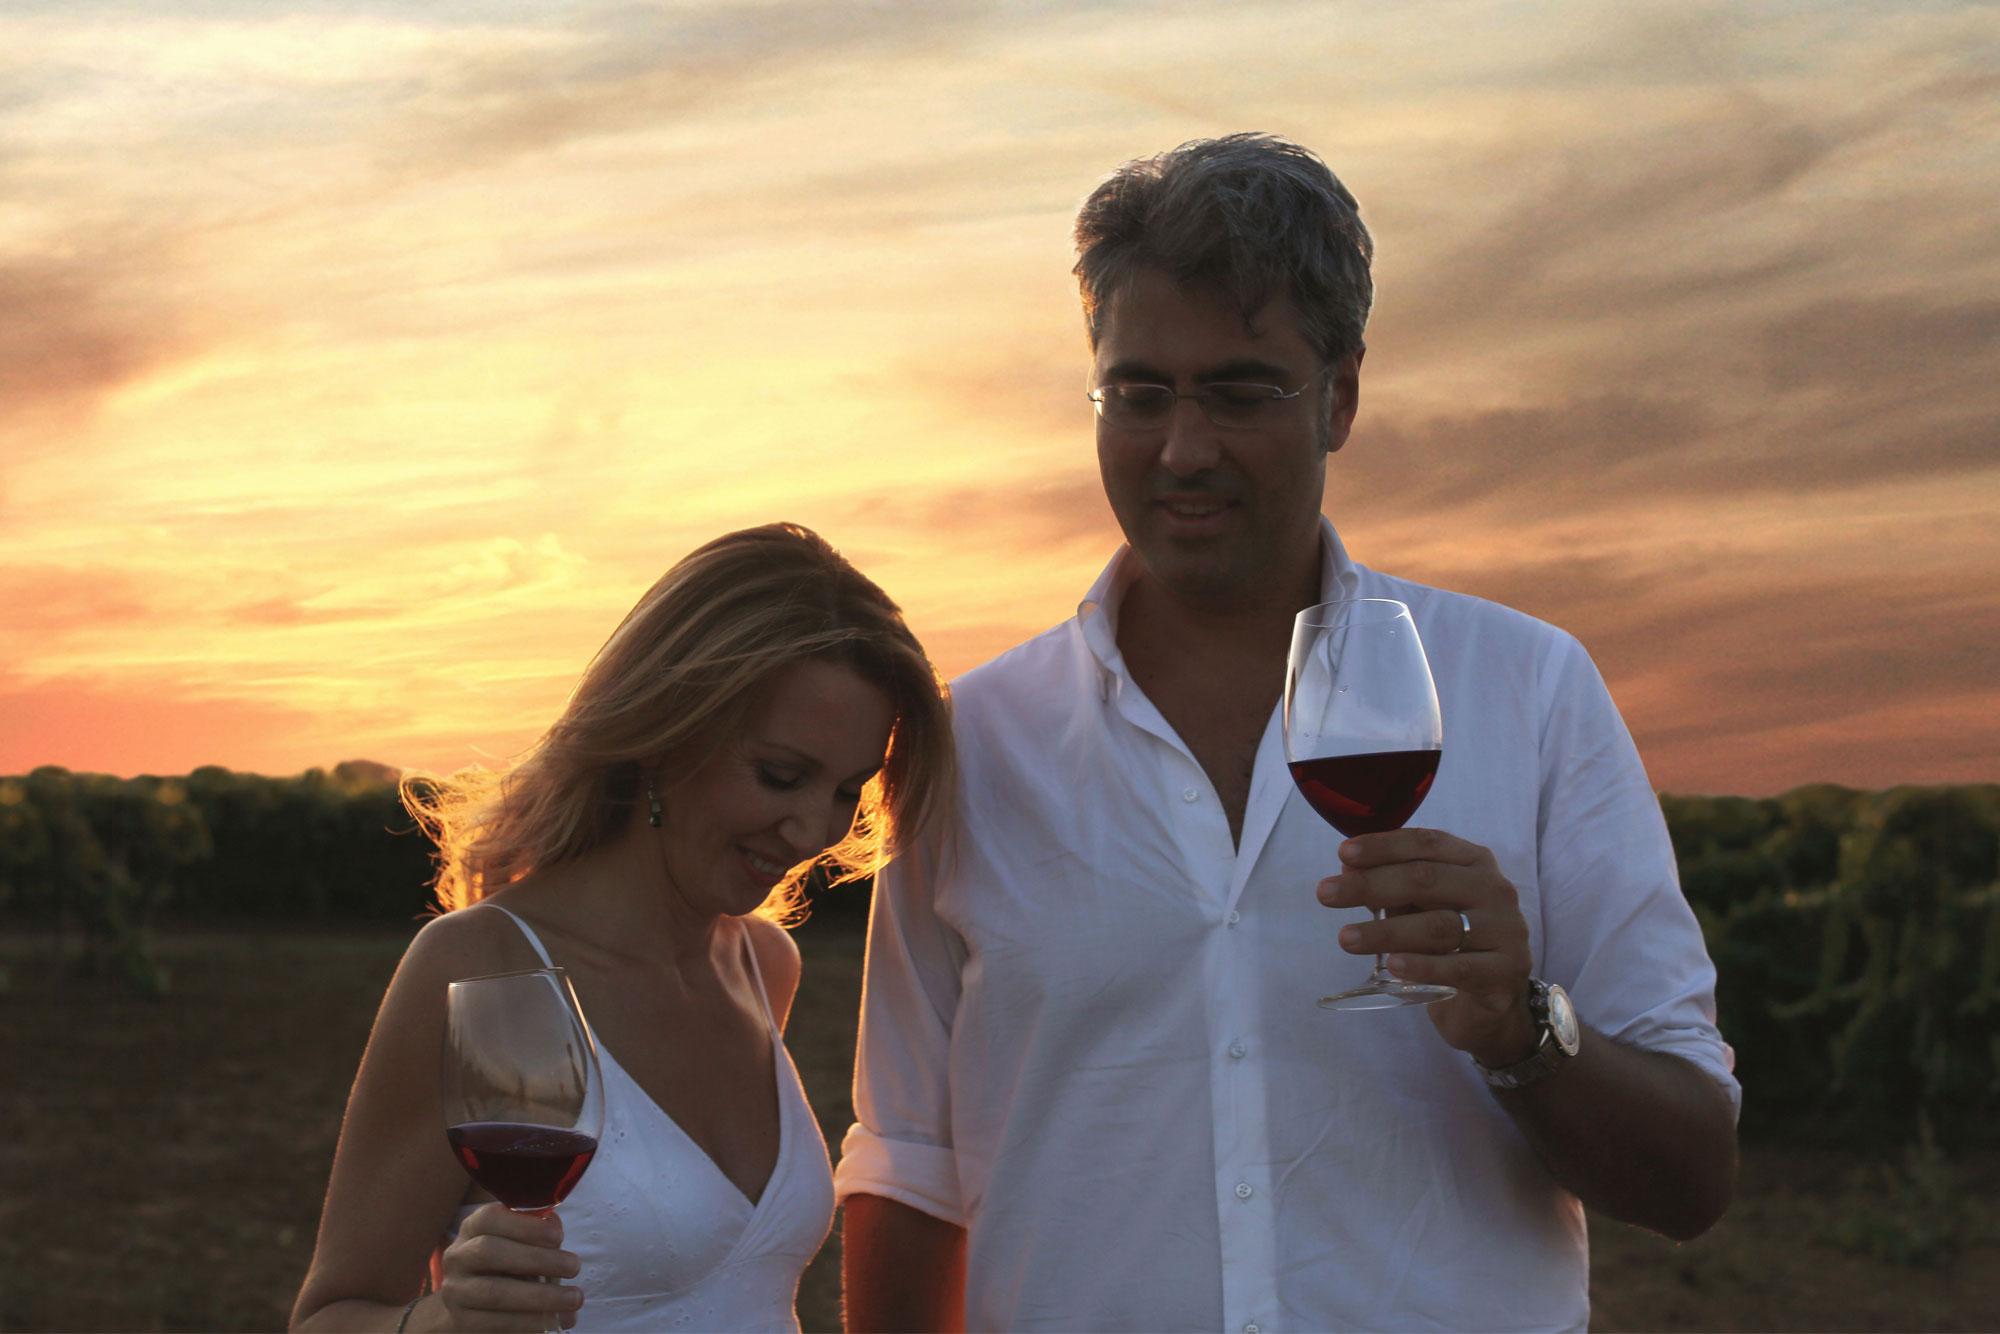 Una storia di famiglia - Tenute Rubino - Vini del Salento